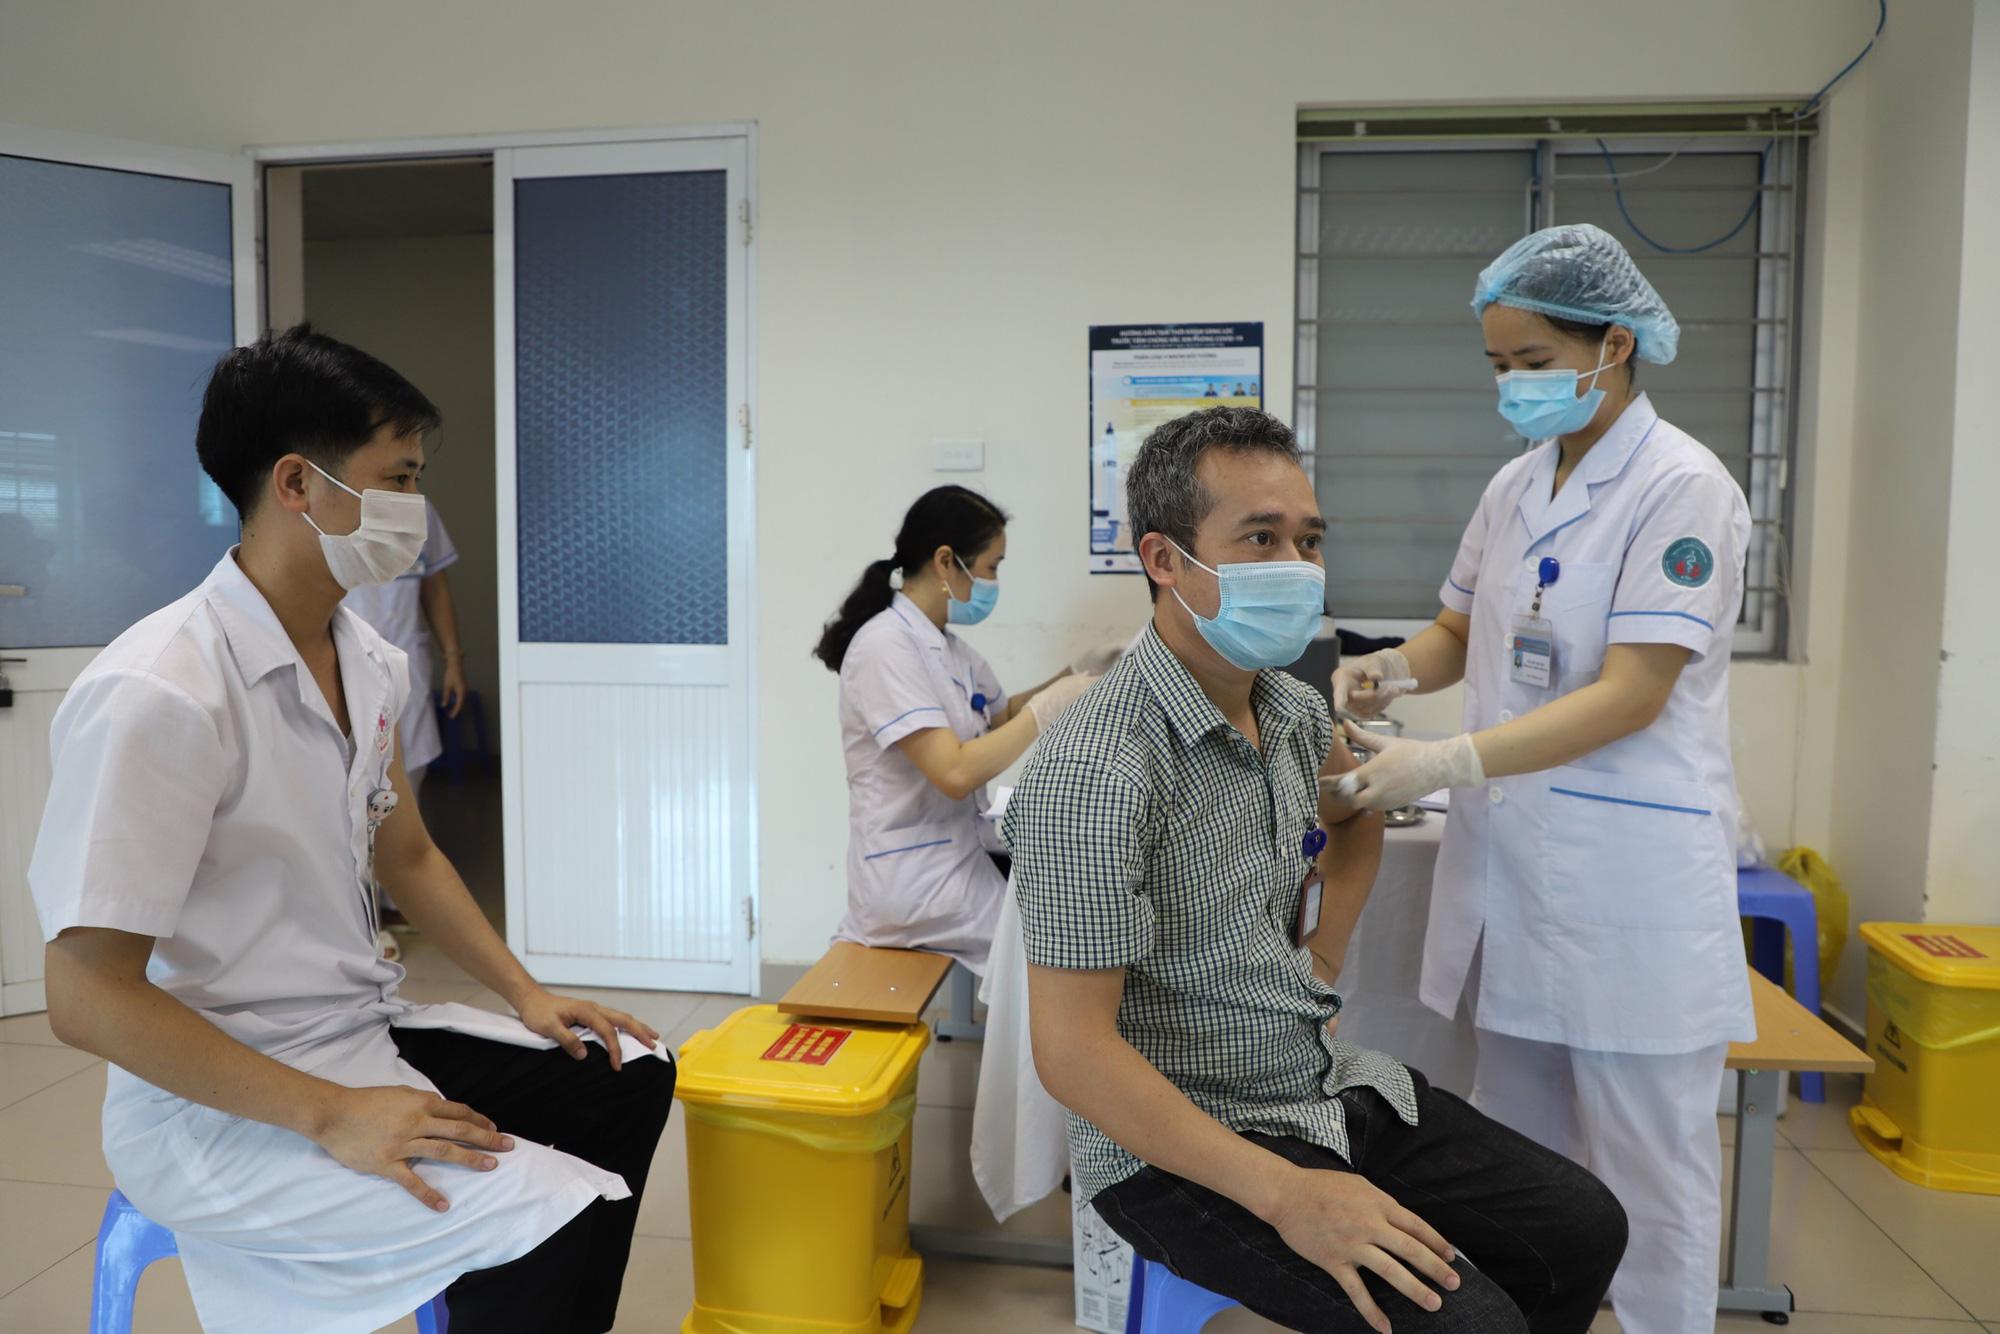 Giao lưu trực tuyến: Người dân đăng ký tiêm miễn phí vắc-xin phòng Covid-19 thế nào? - Báo Người lao động